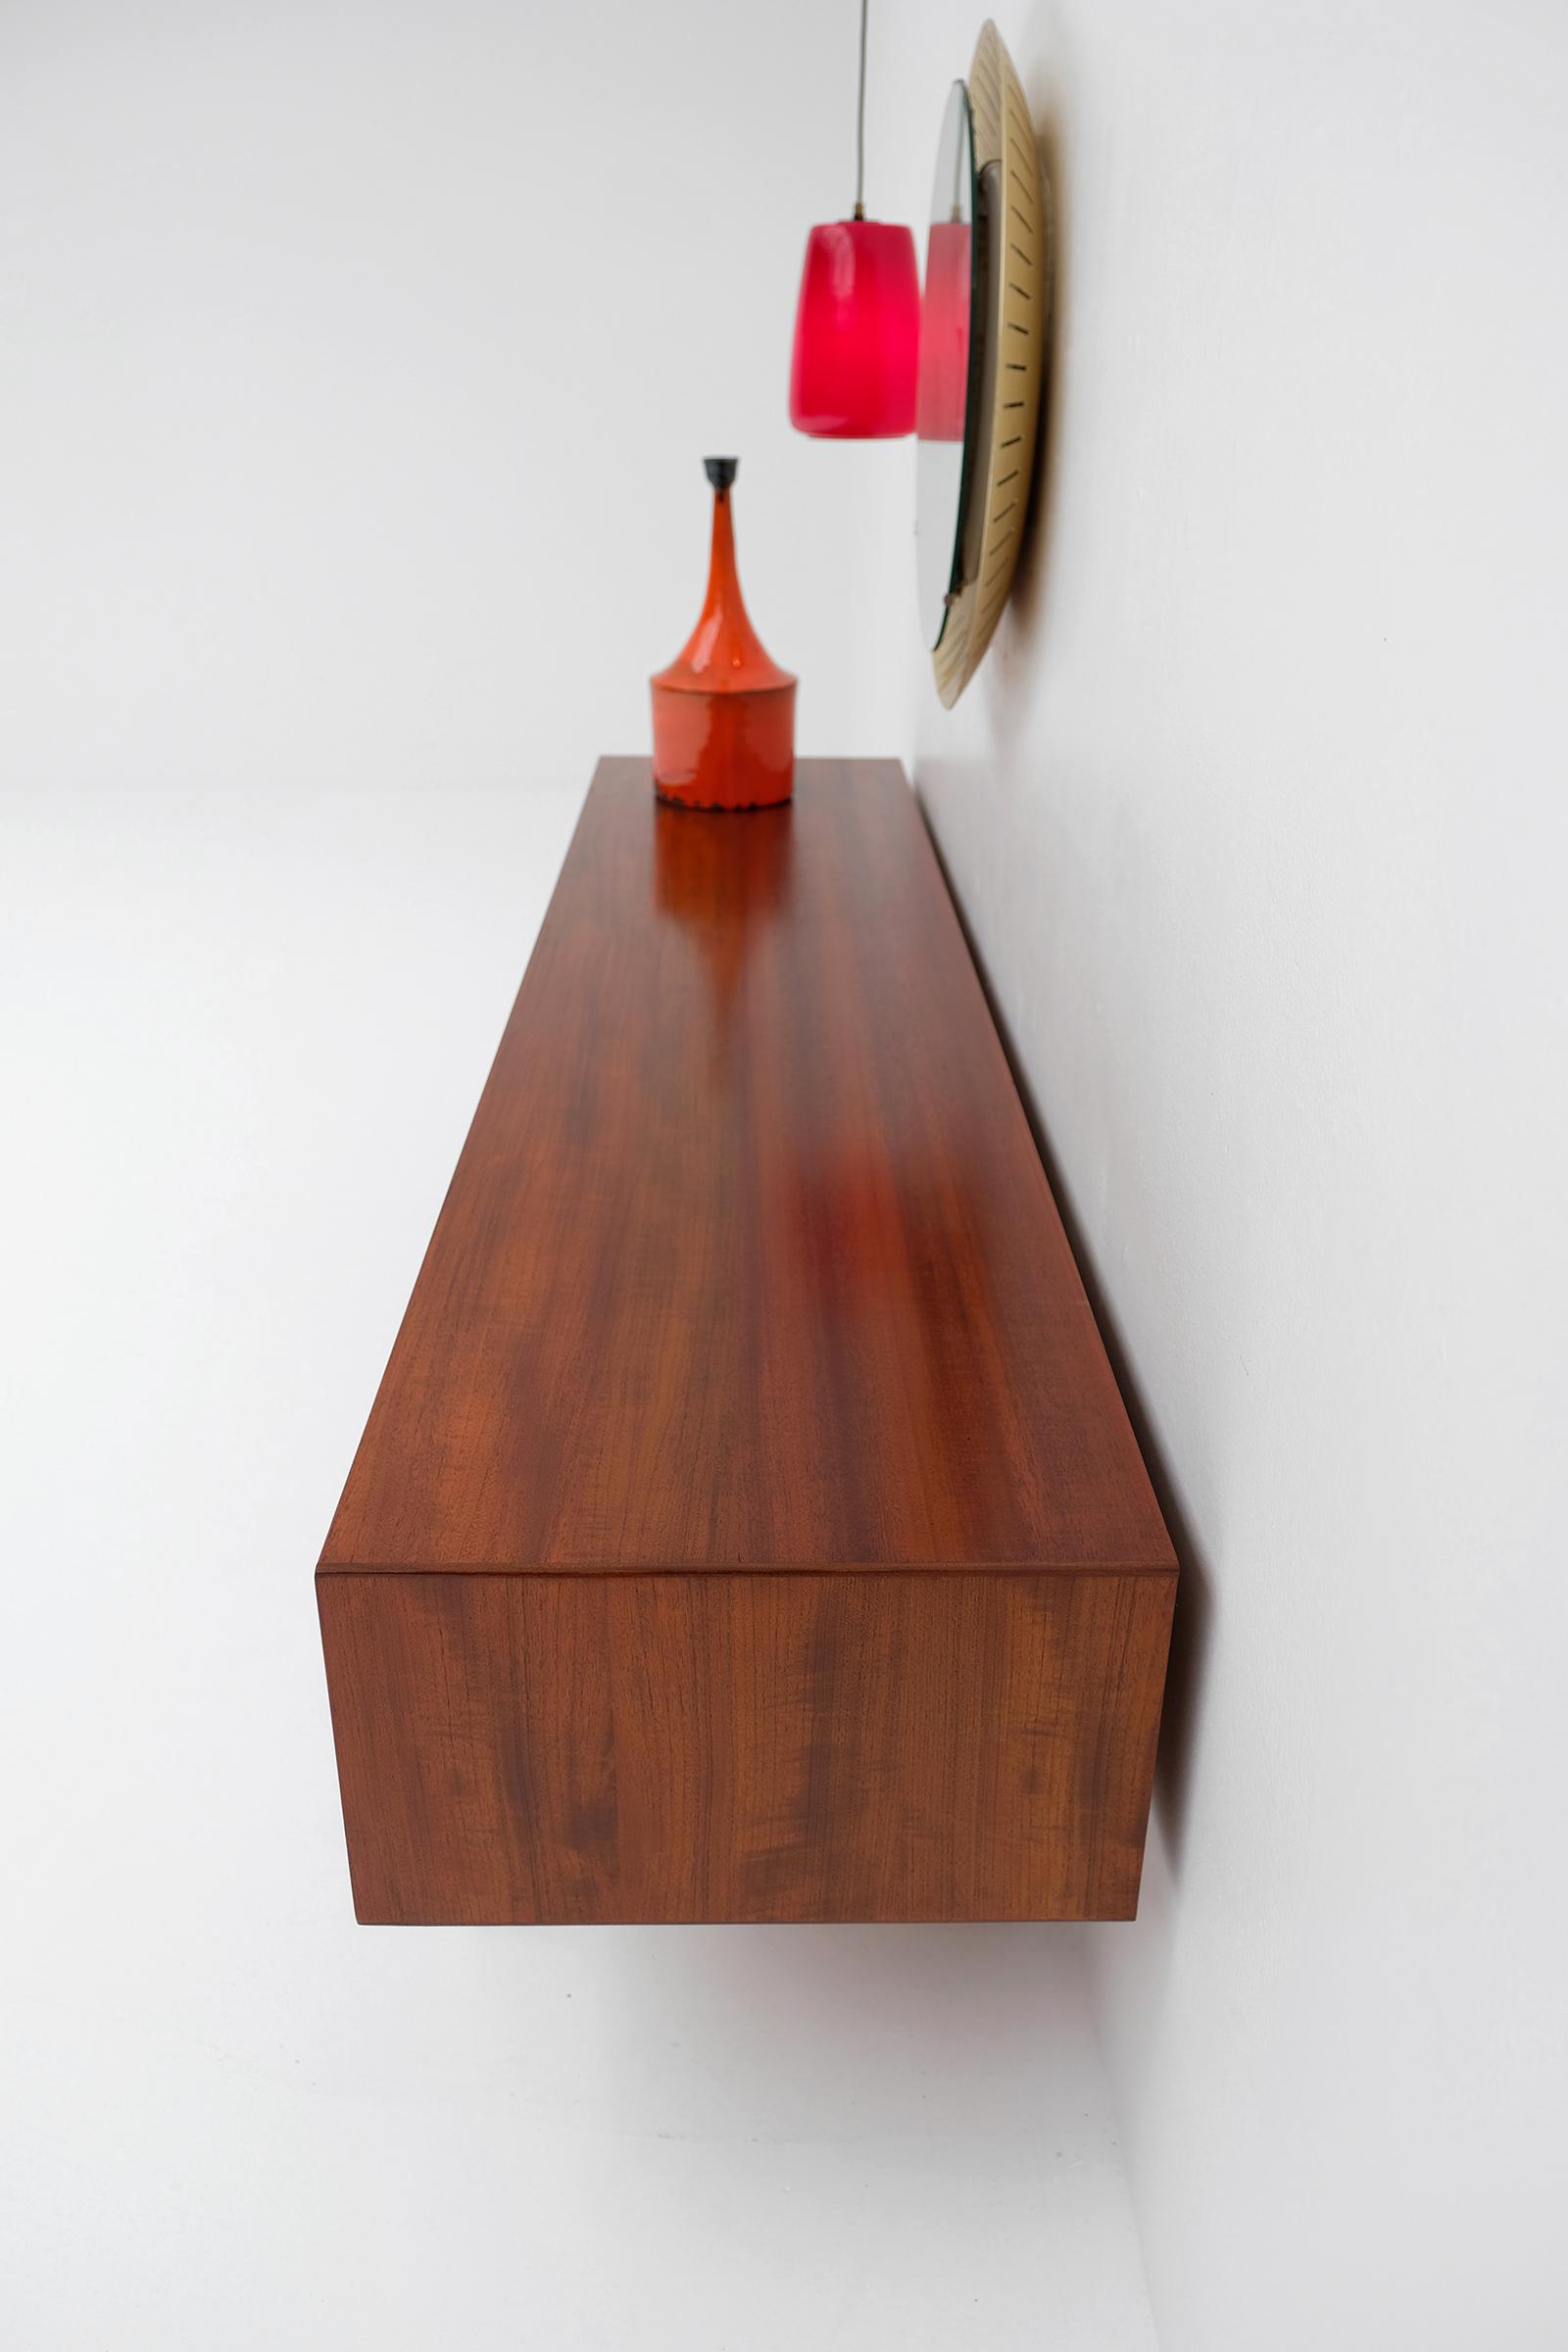 vform low sideboard Oswald Vermaercke